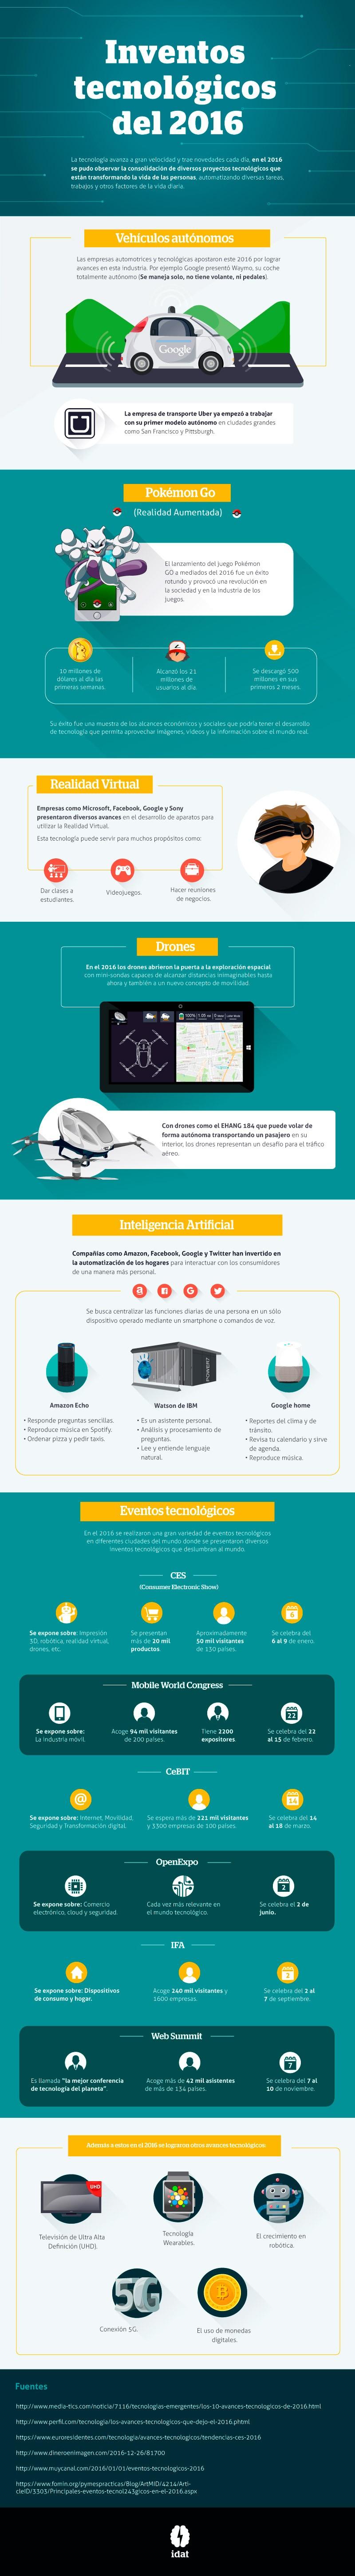 Inventos tecnológicos de 2016 #infografia #infographic #tech